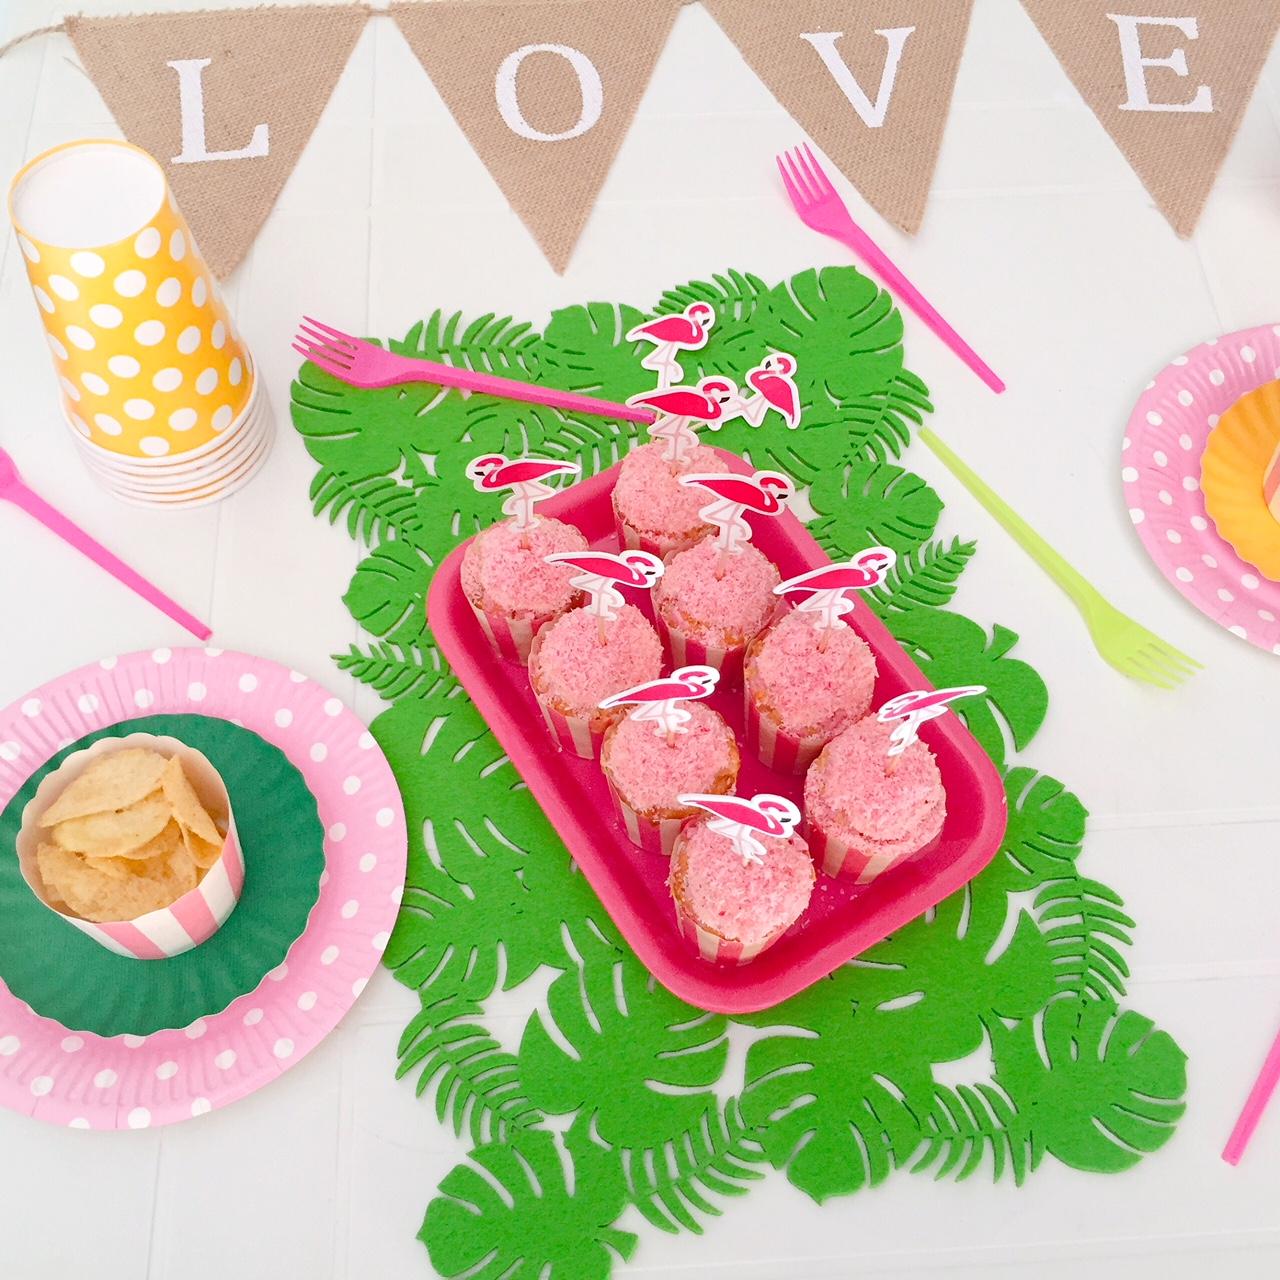 Muffin al cioccolato bianco e cocco (rosa)_Fenicocco